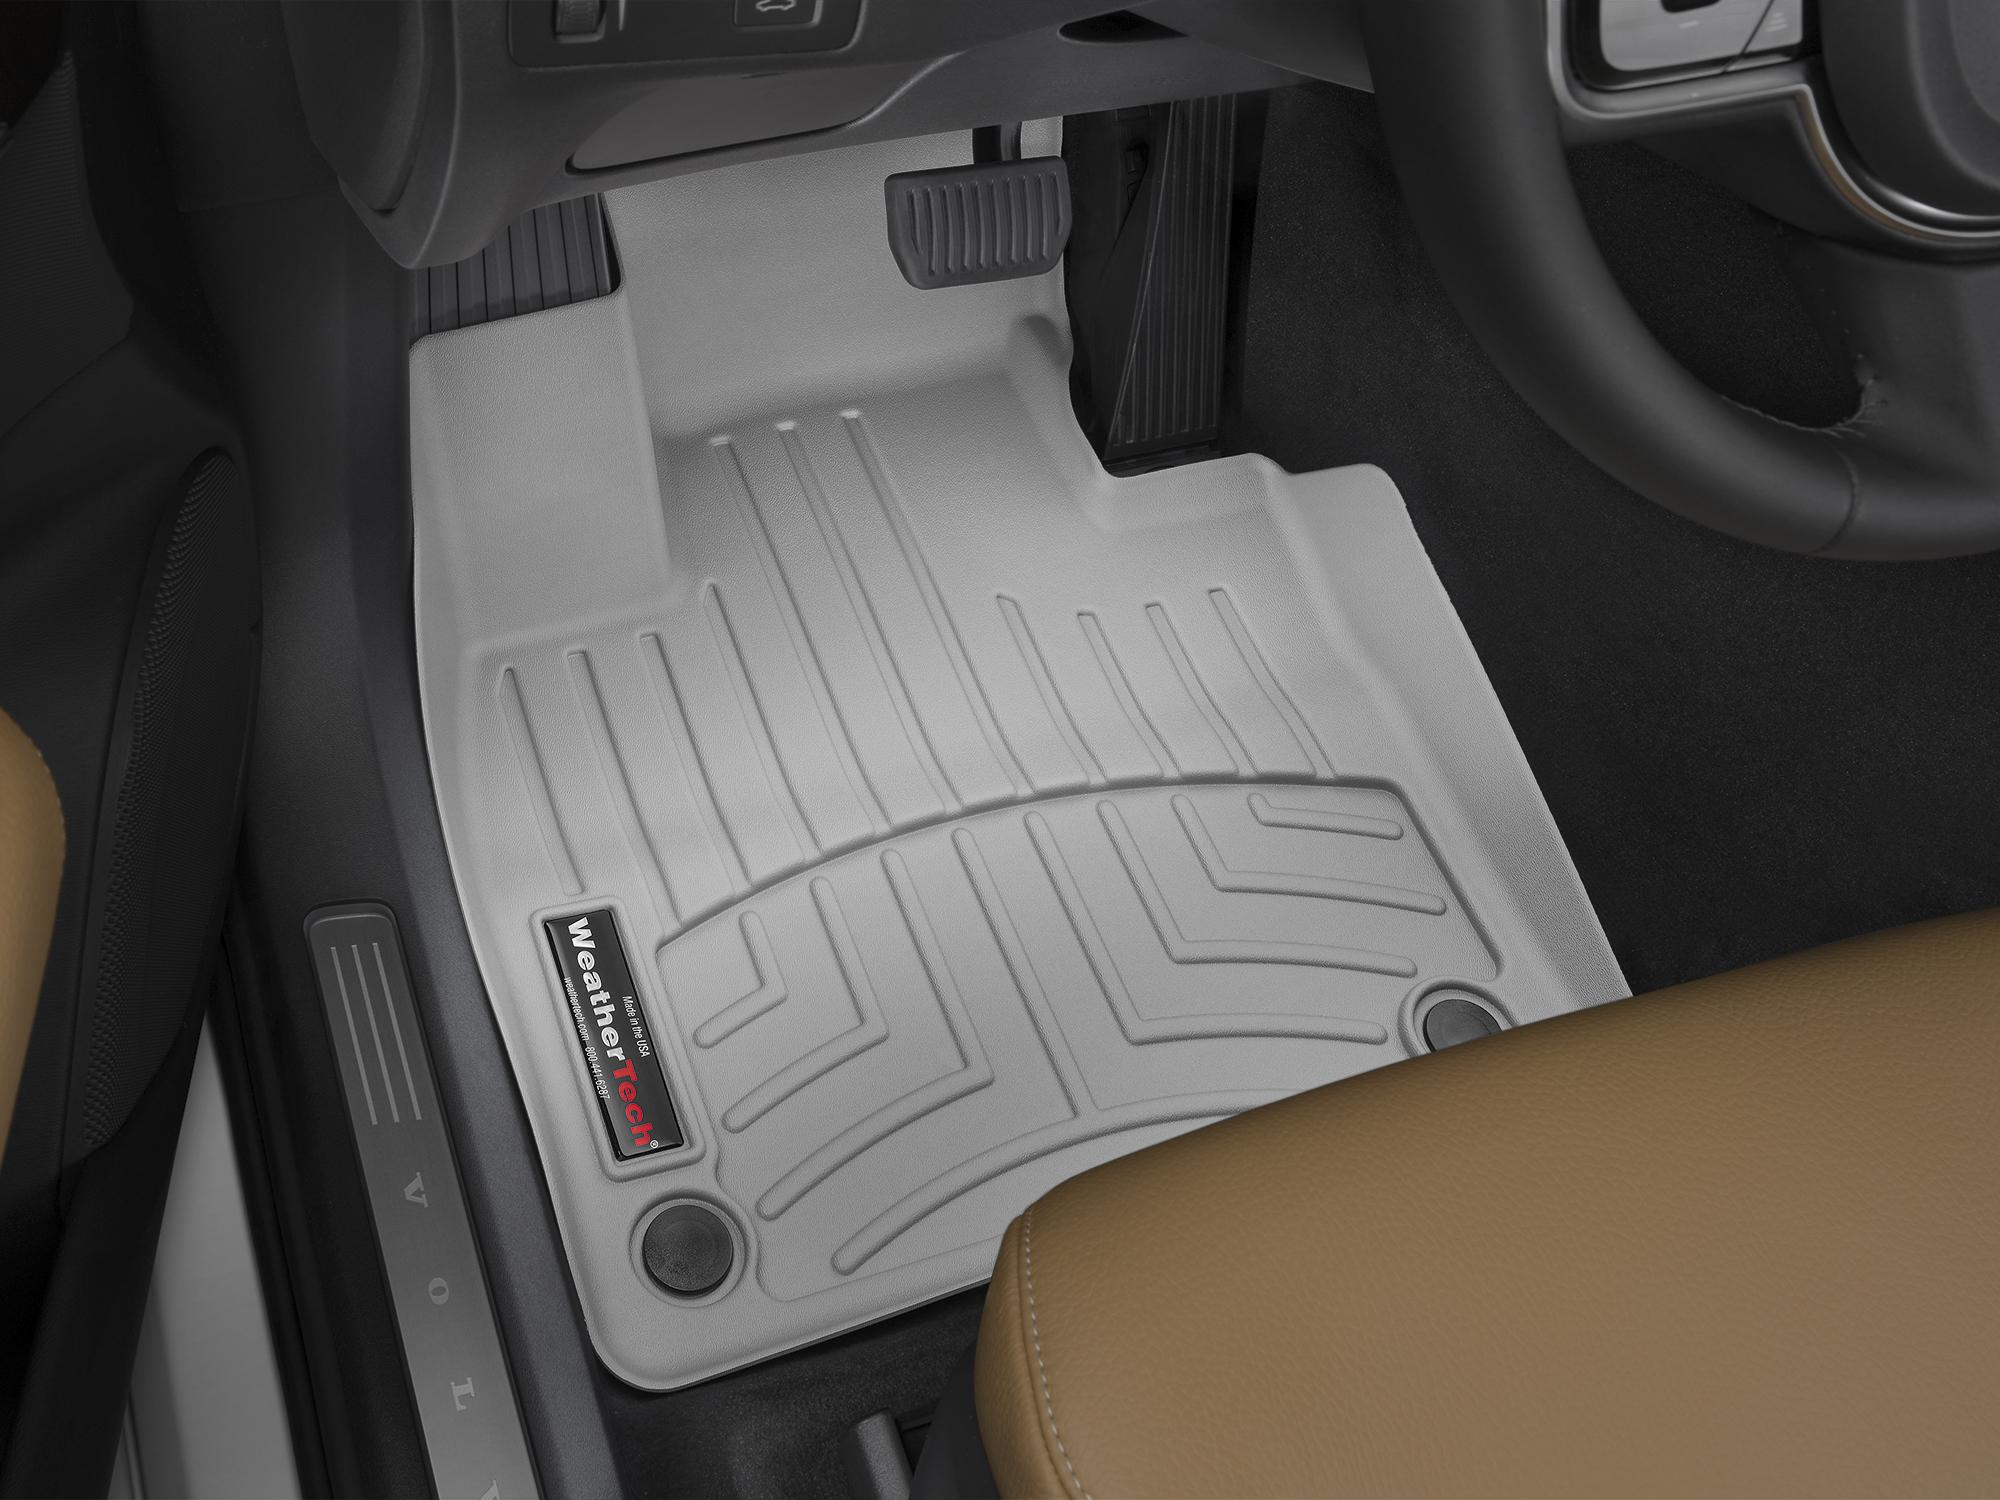 Tappeti gomma su misura bordo alto Volvo XC90 15>17 Grigio A4452*